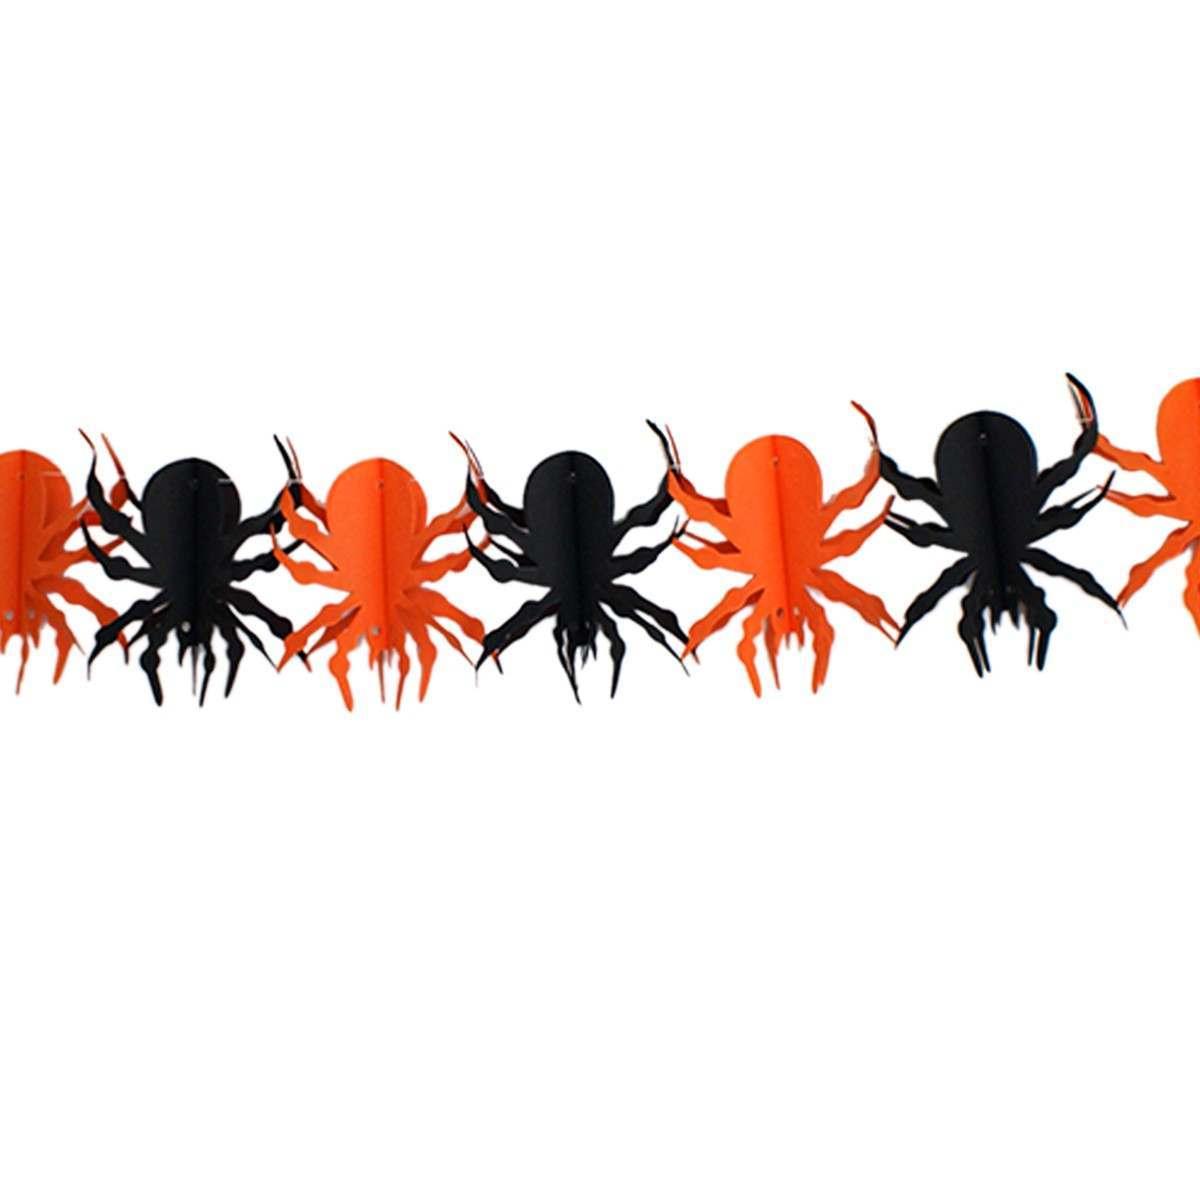 3m Spider Halloween Paper Garland